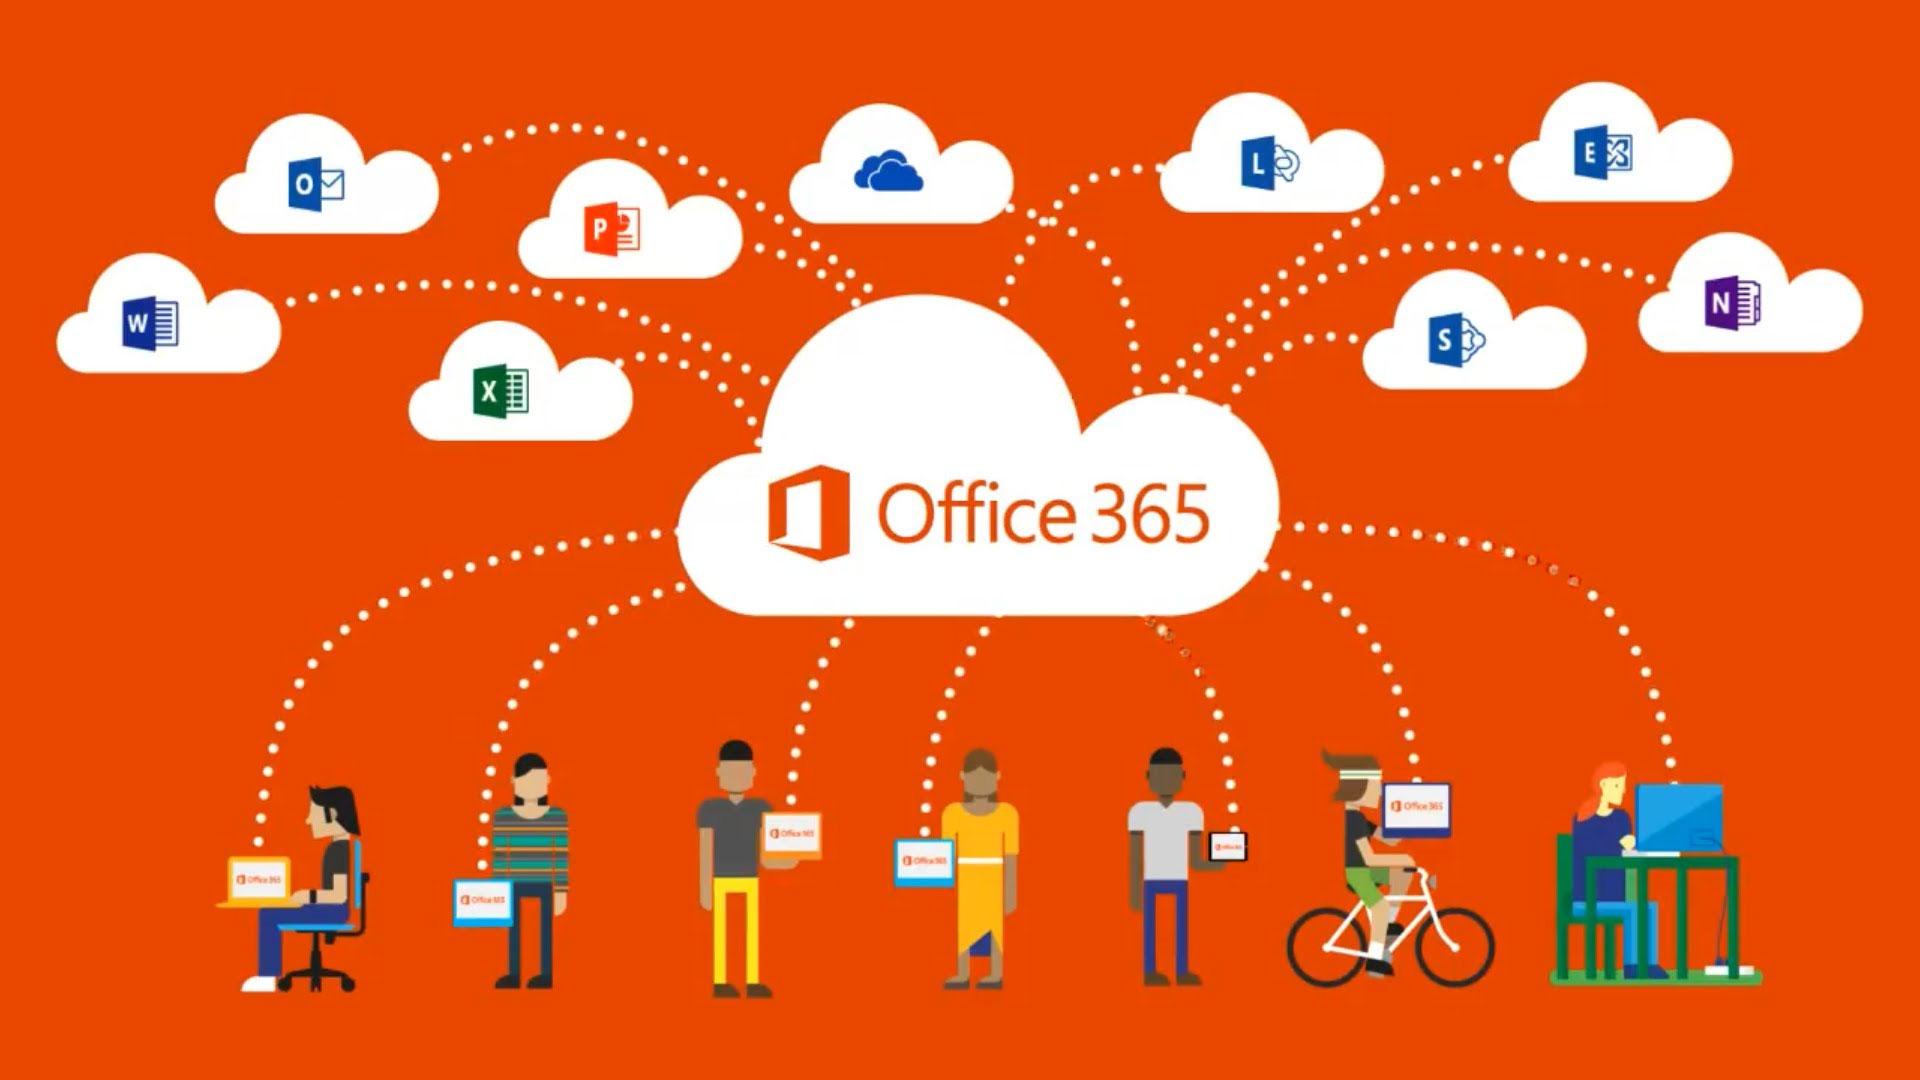 Aperiam - Office365 Management